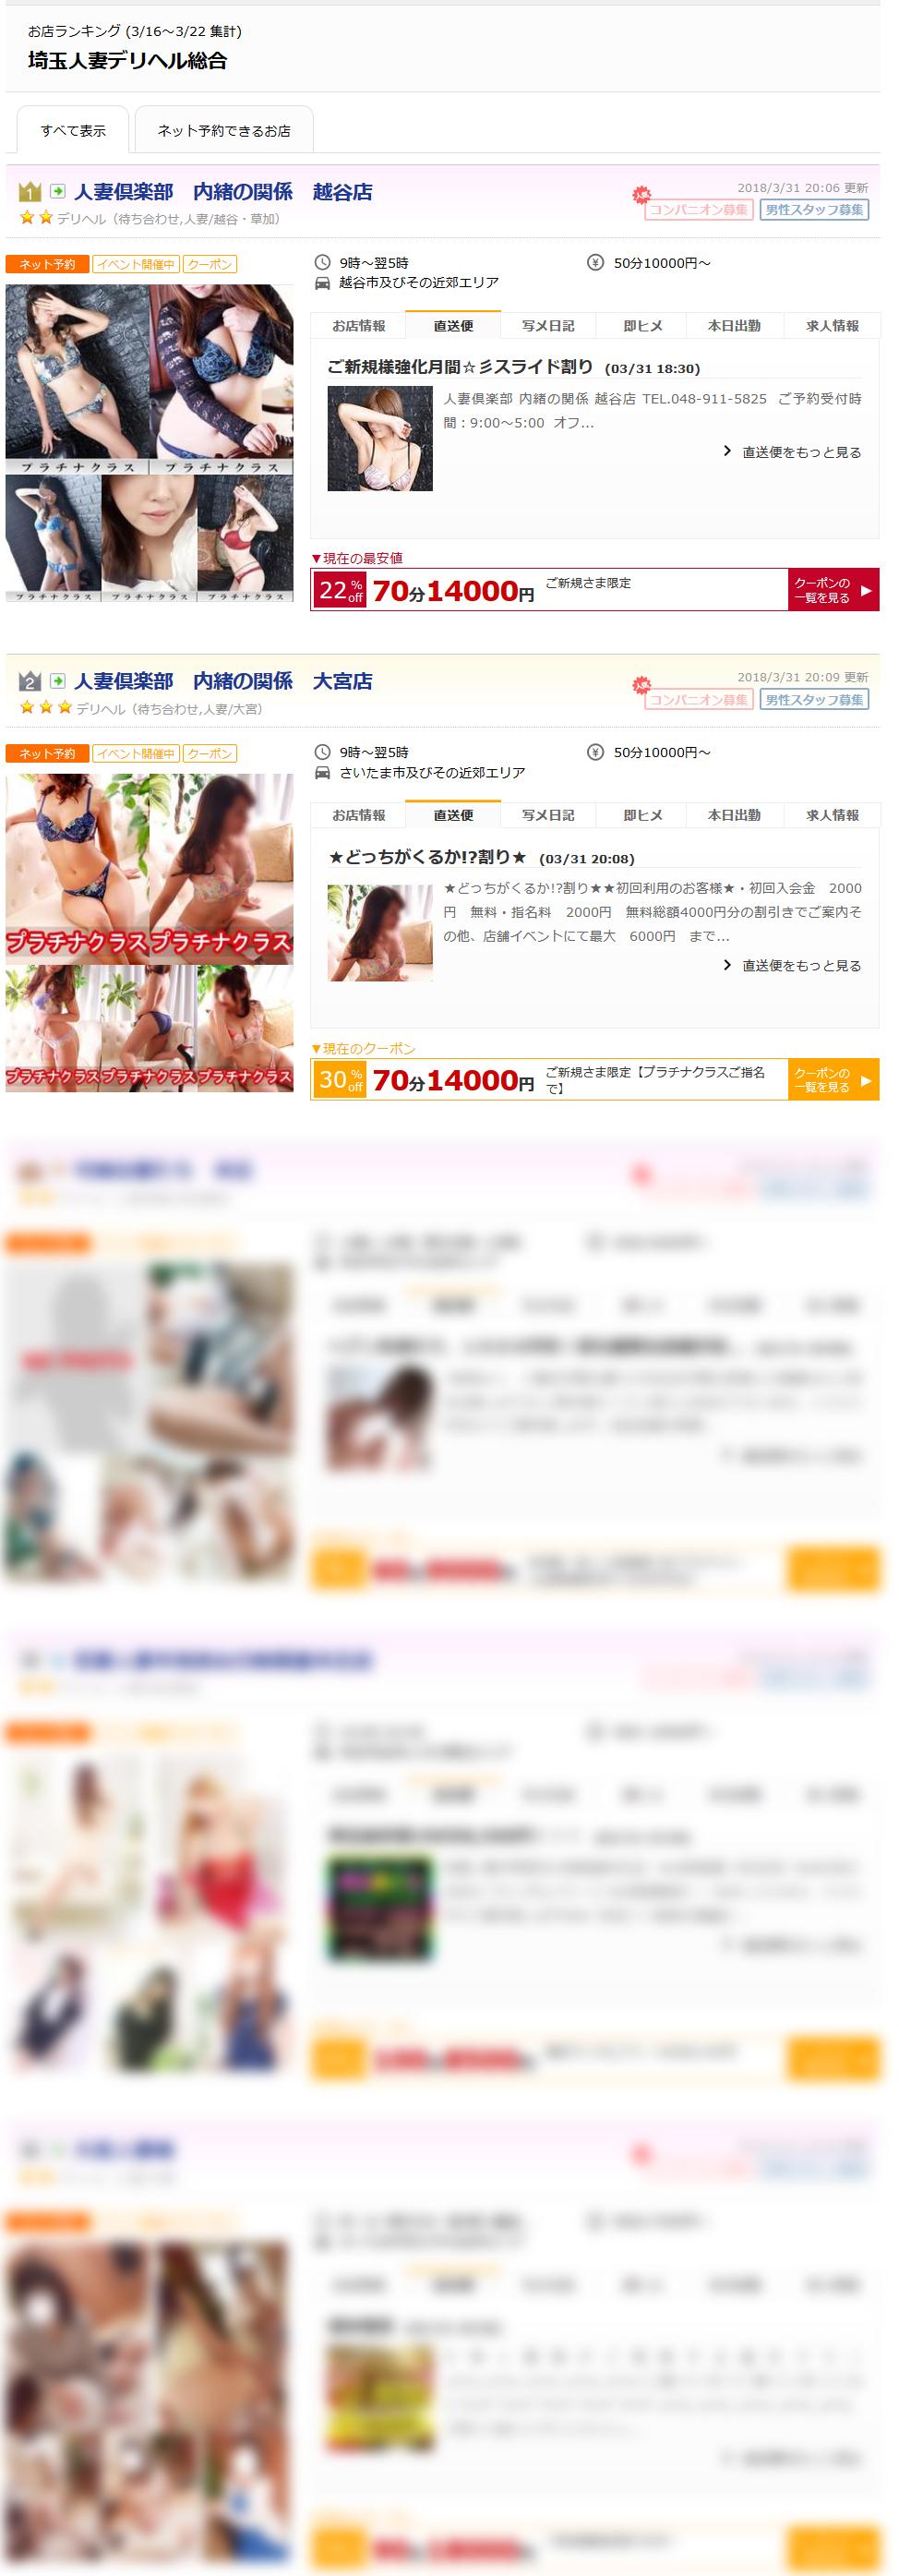 埼玉県人妻デリヘルお店ランキング2018-03-26